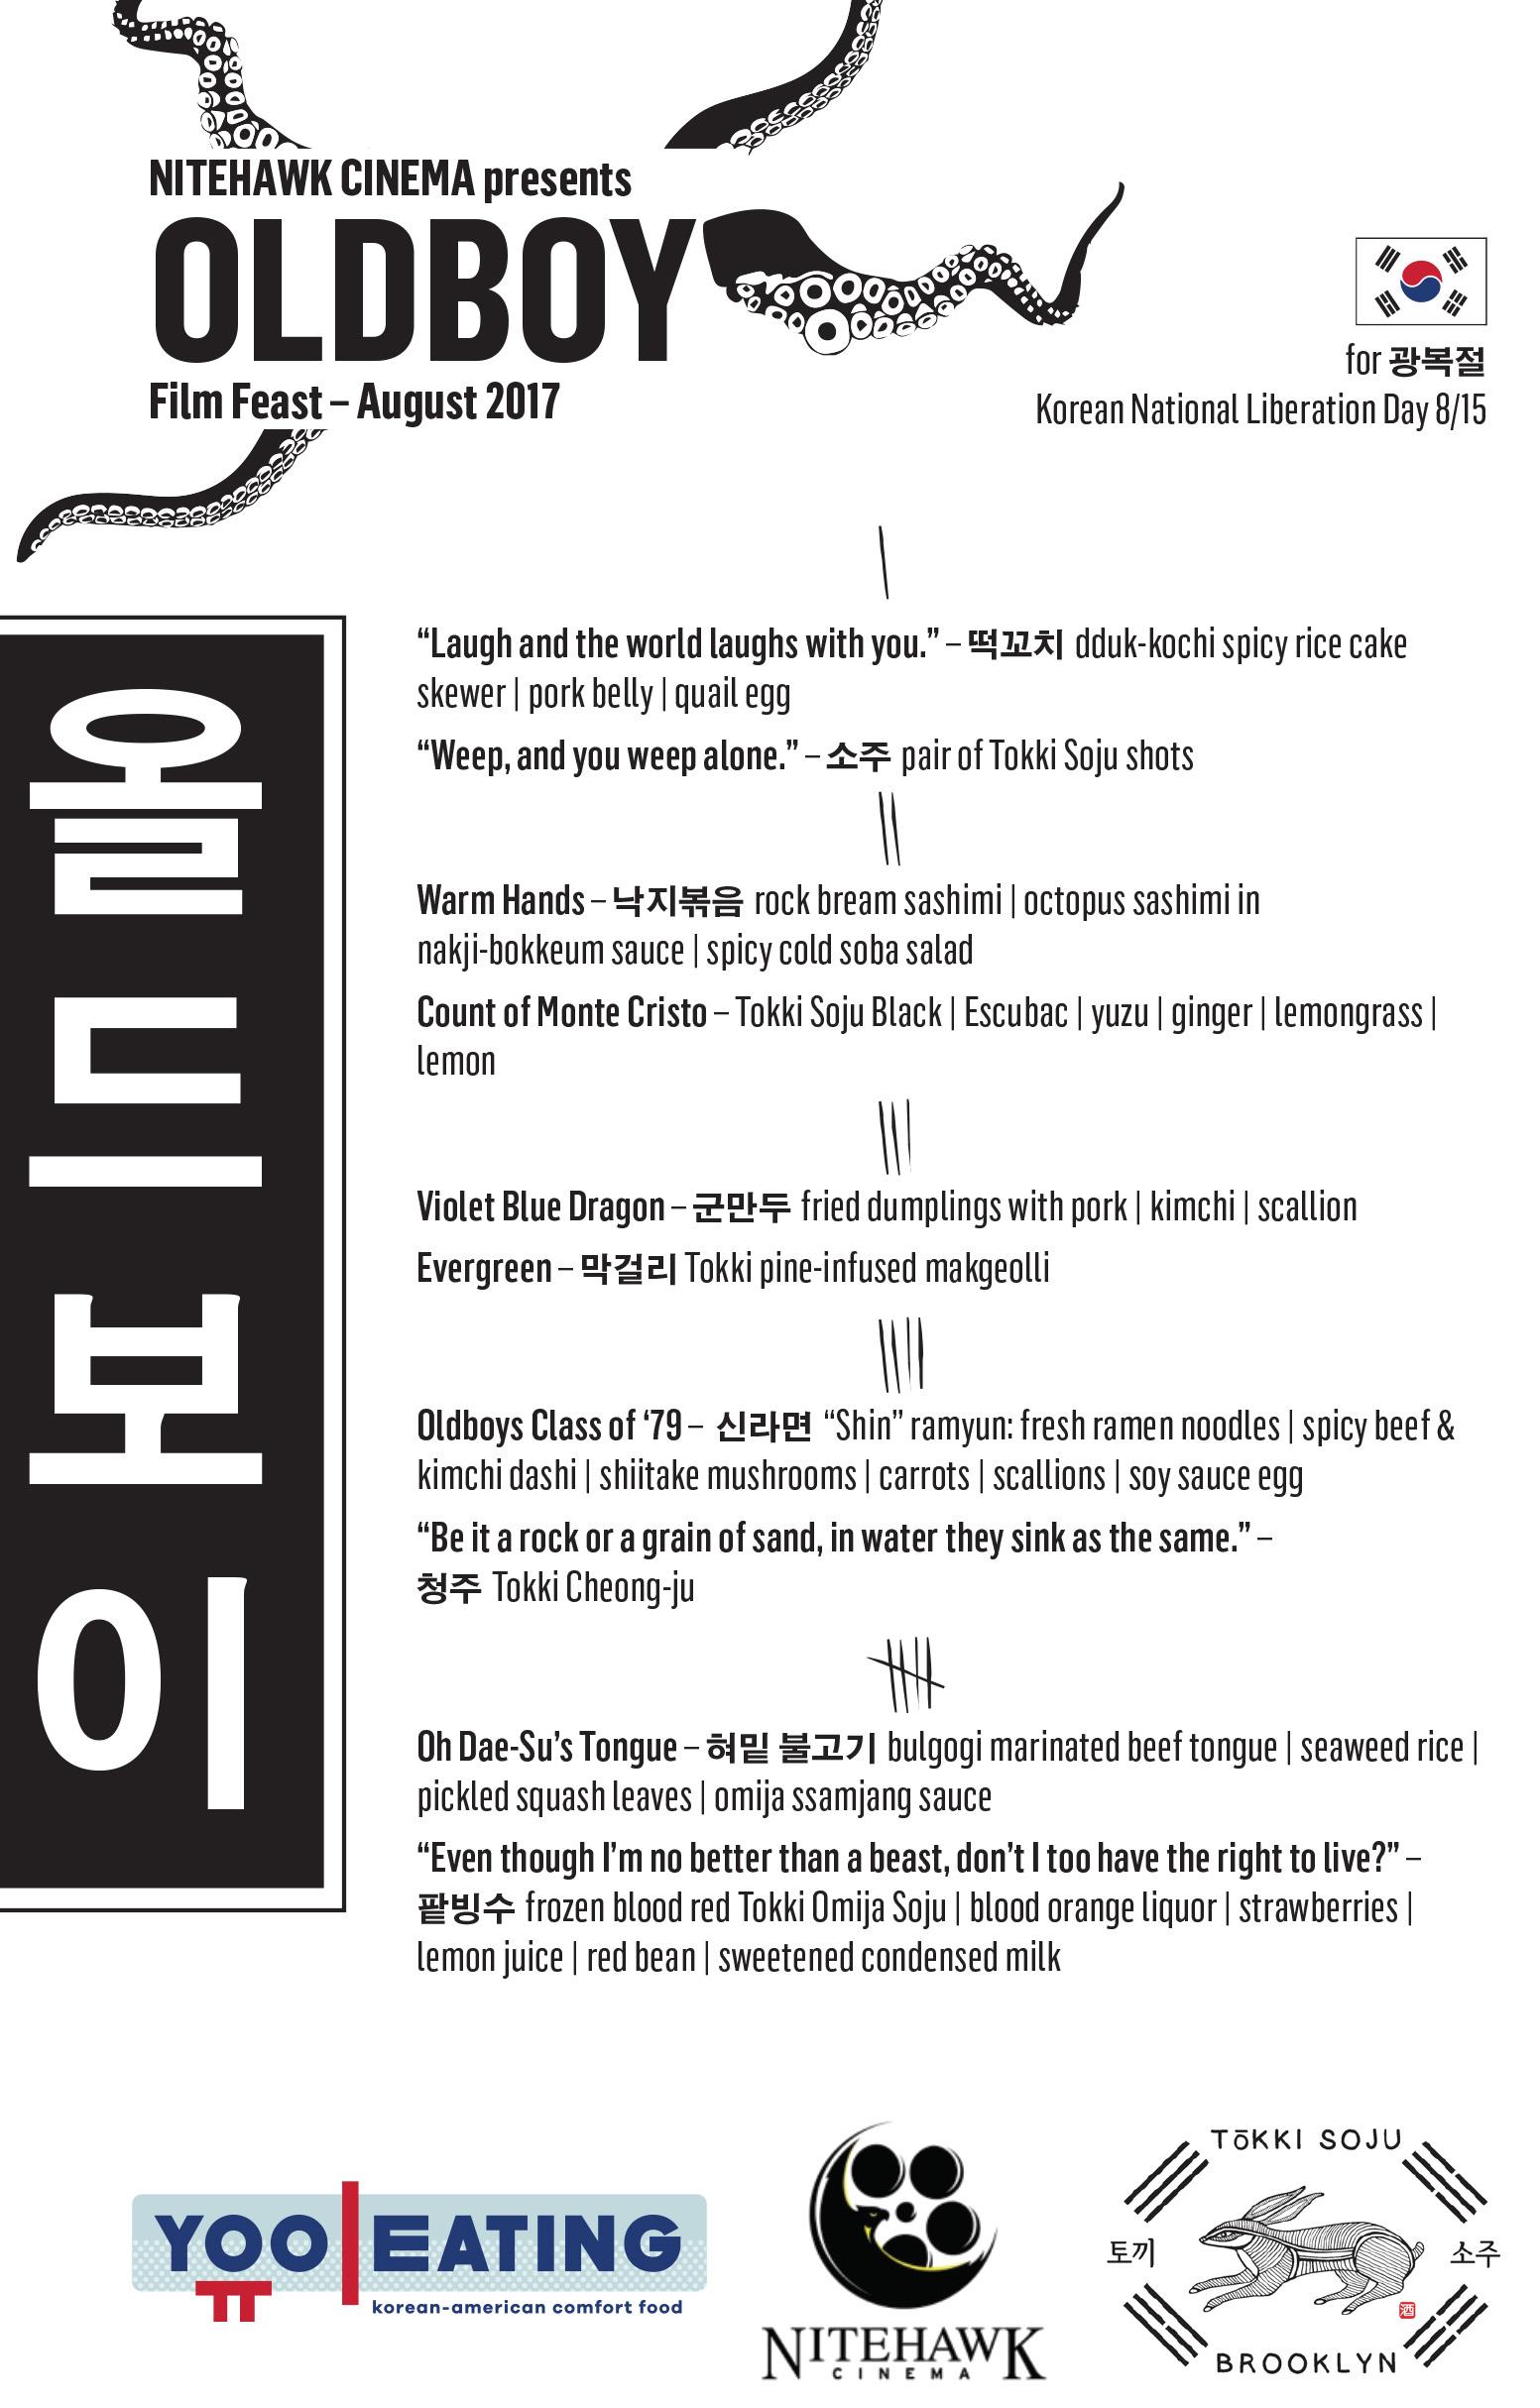 oldboy-menu3.jpg